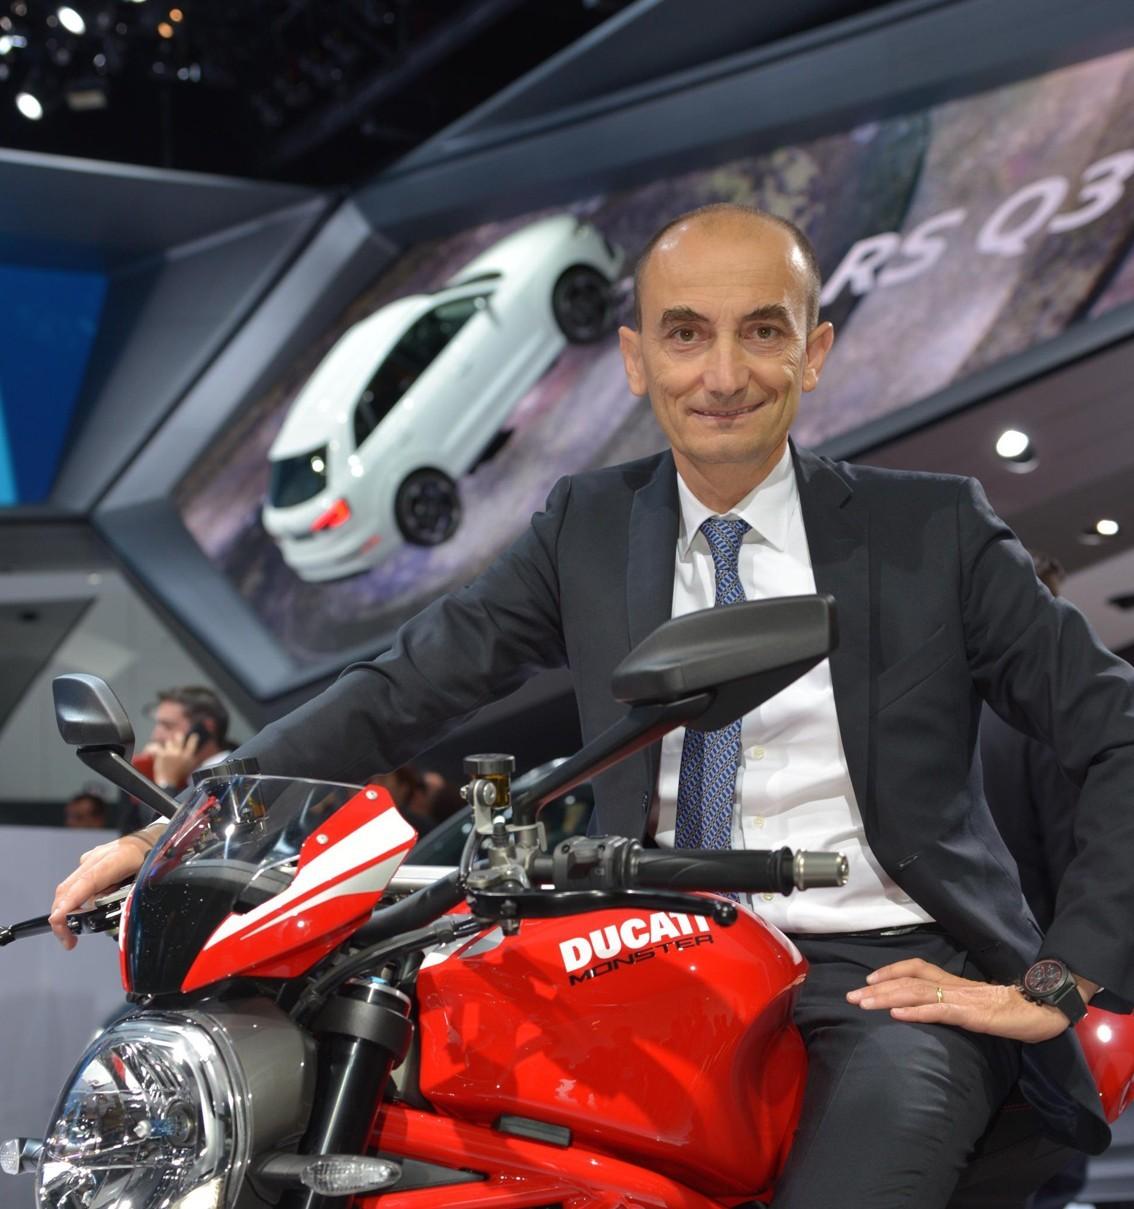 Ducati CEO Claudio Domenicali astride the 2016 Monster 1200 R